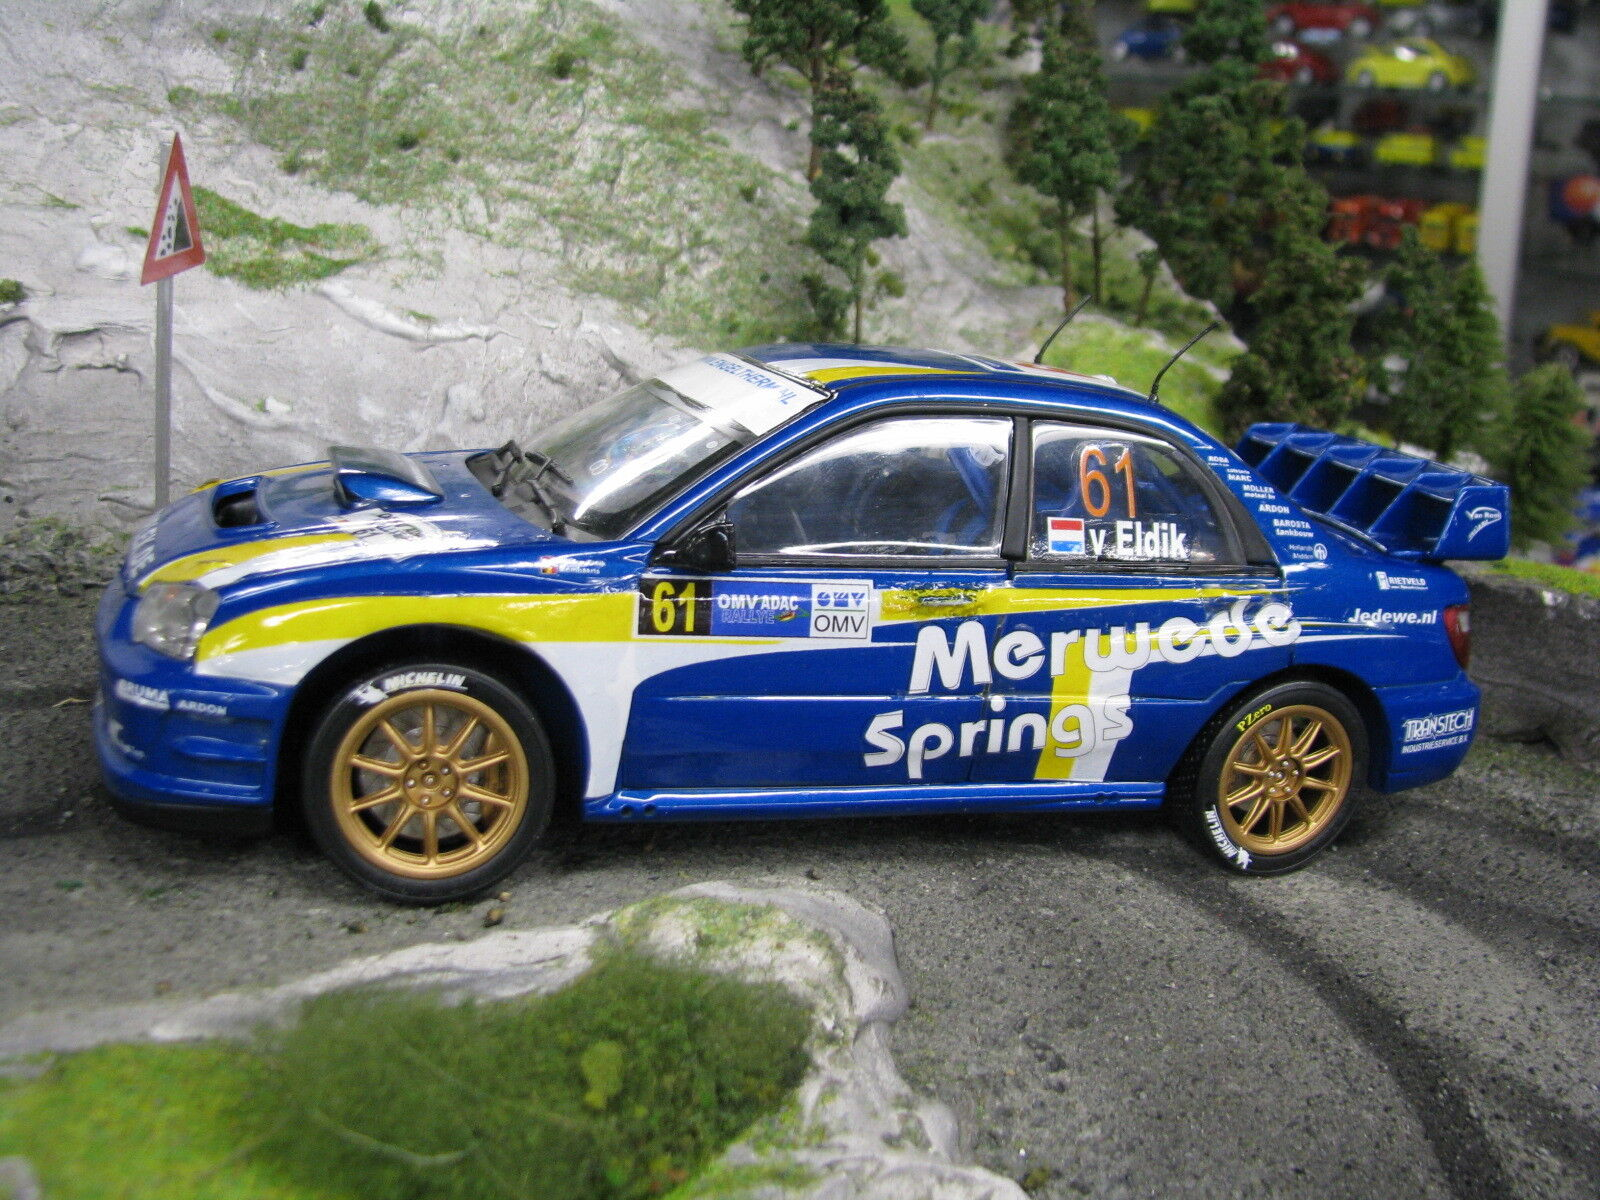 QSP Subaru Impreza S10 WRC '06 1 18  61 van Eldik   Mombaerts Deutschland Rallye